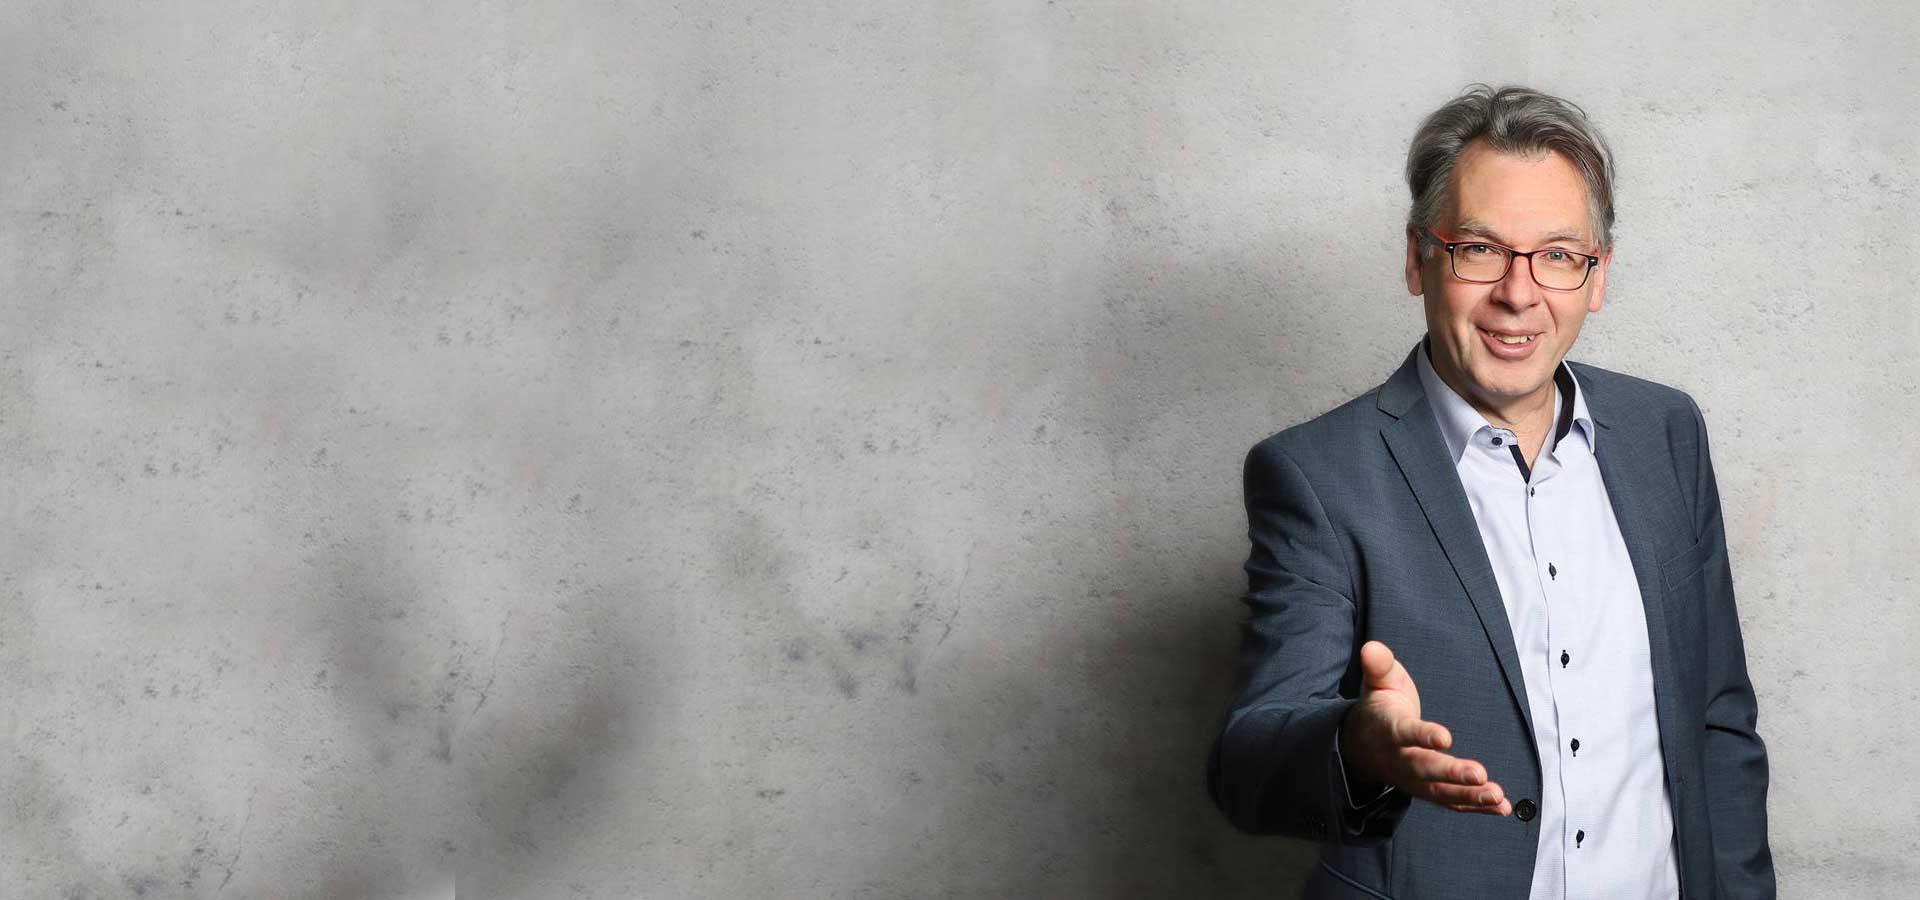 Andreas Räder - Zielgerichtete Kommunikation